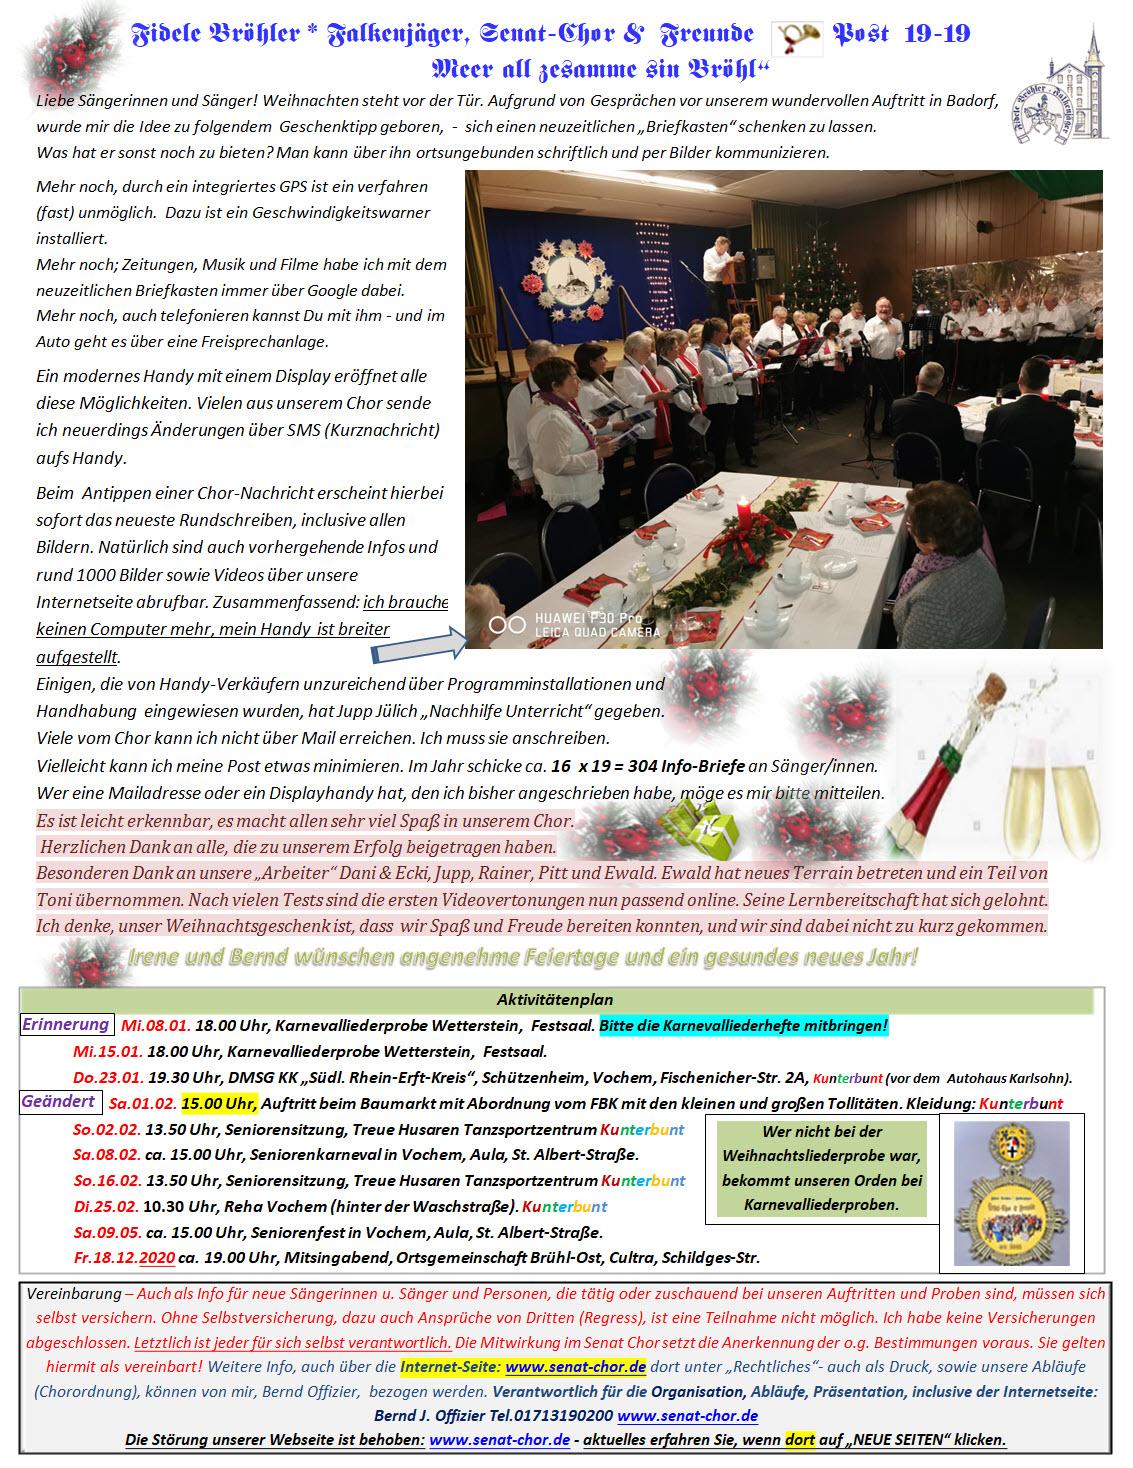 Rundschreiben19-19_2019-12-19.jpg